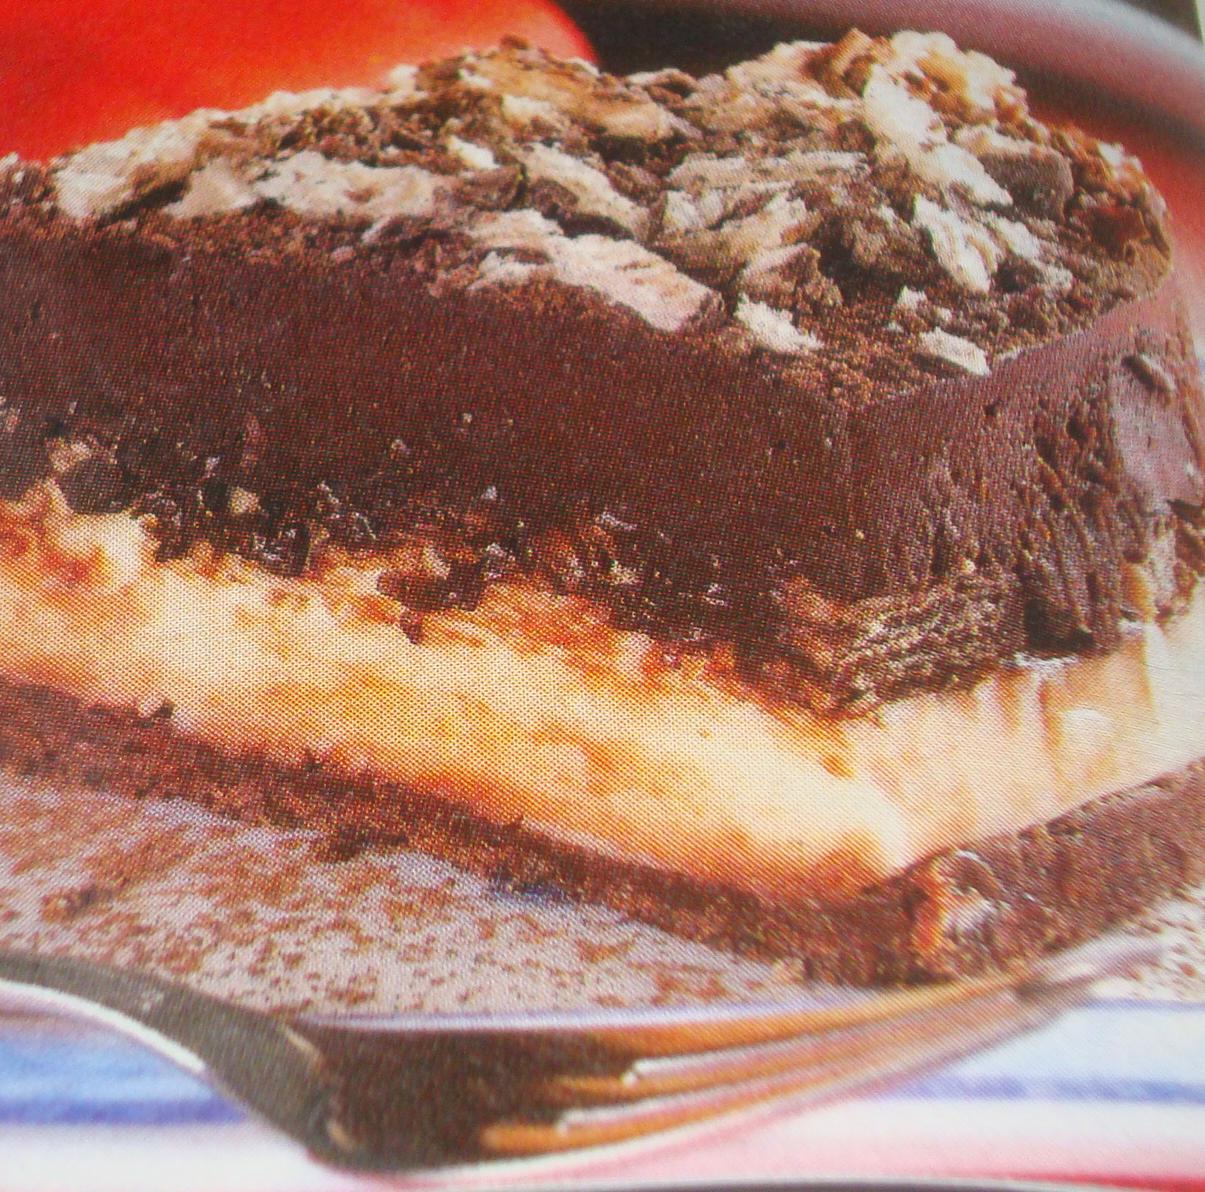 receita básica massa 2 caixas de chocolate bis 1 2 colher sopa de